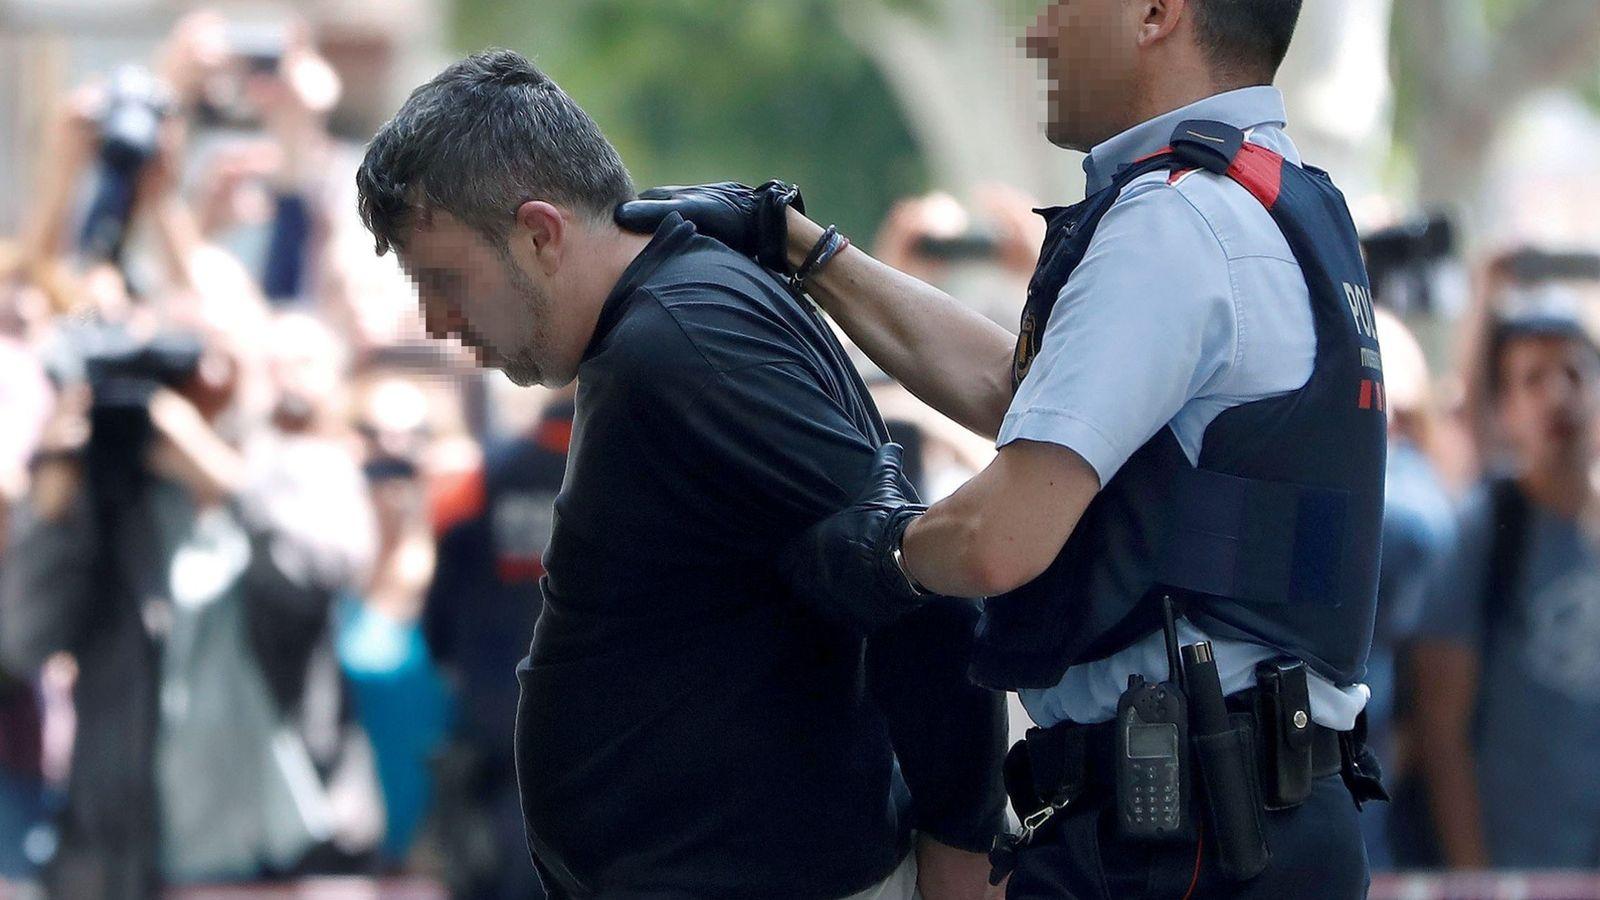 Foto: Varios 'mossos' custodian al detenido. (EFE)